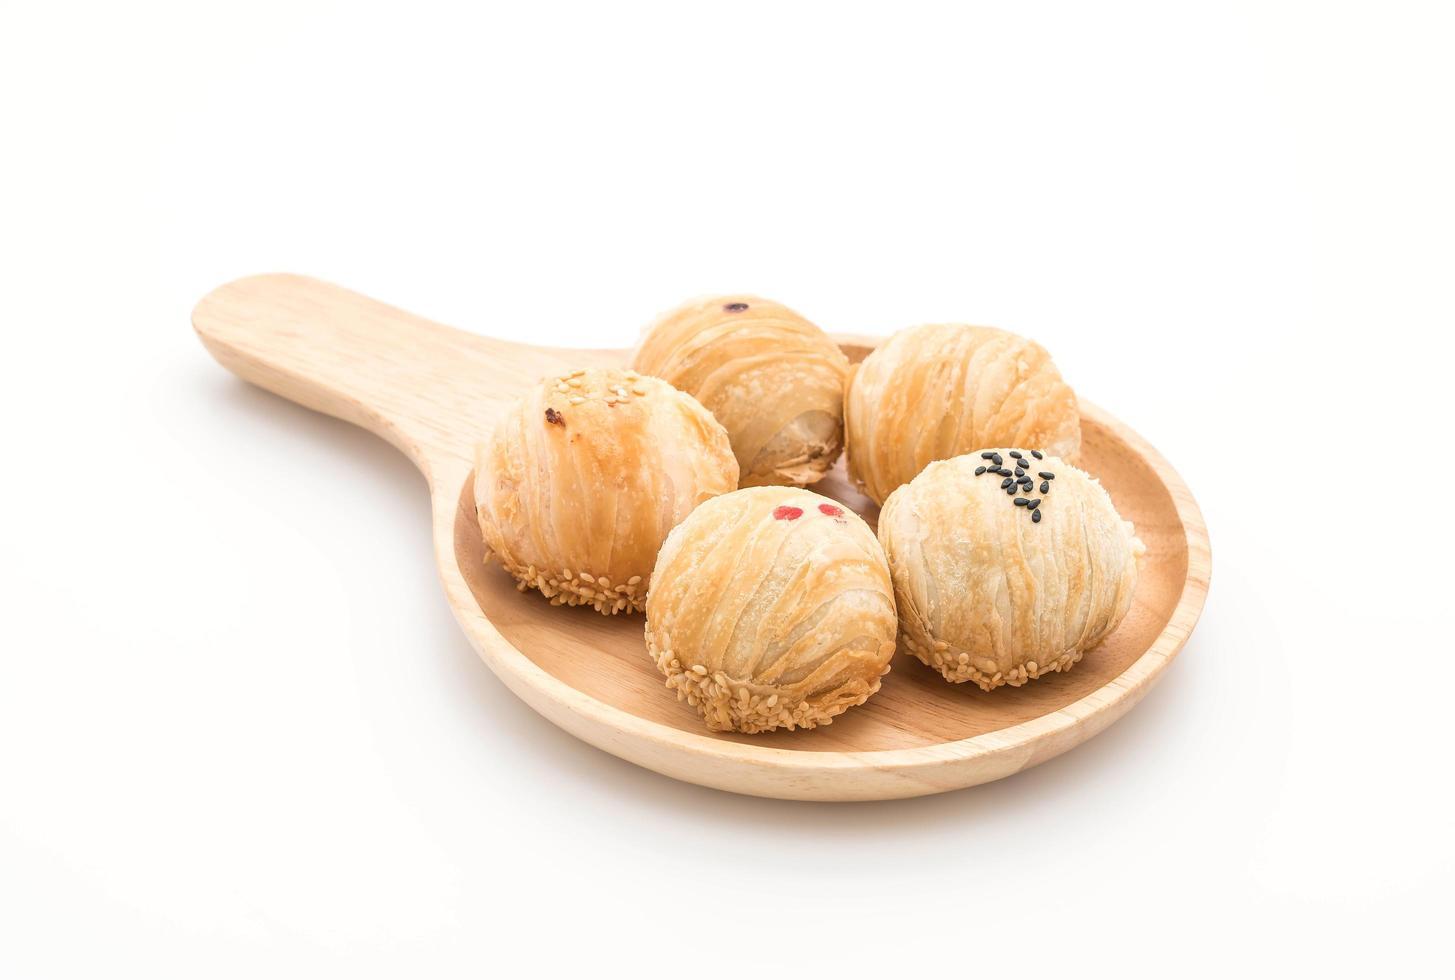 Pâtisseries aux haricots mungo sur fond blanc photo